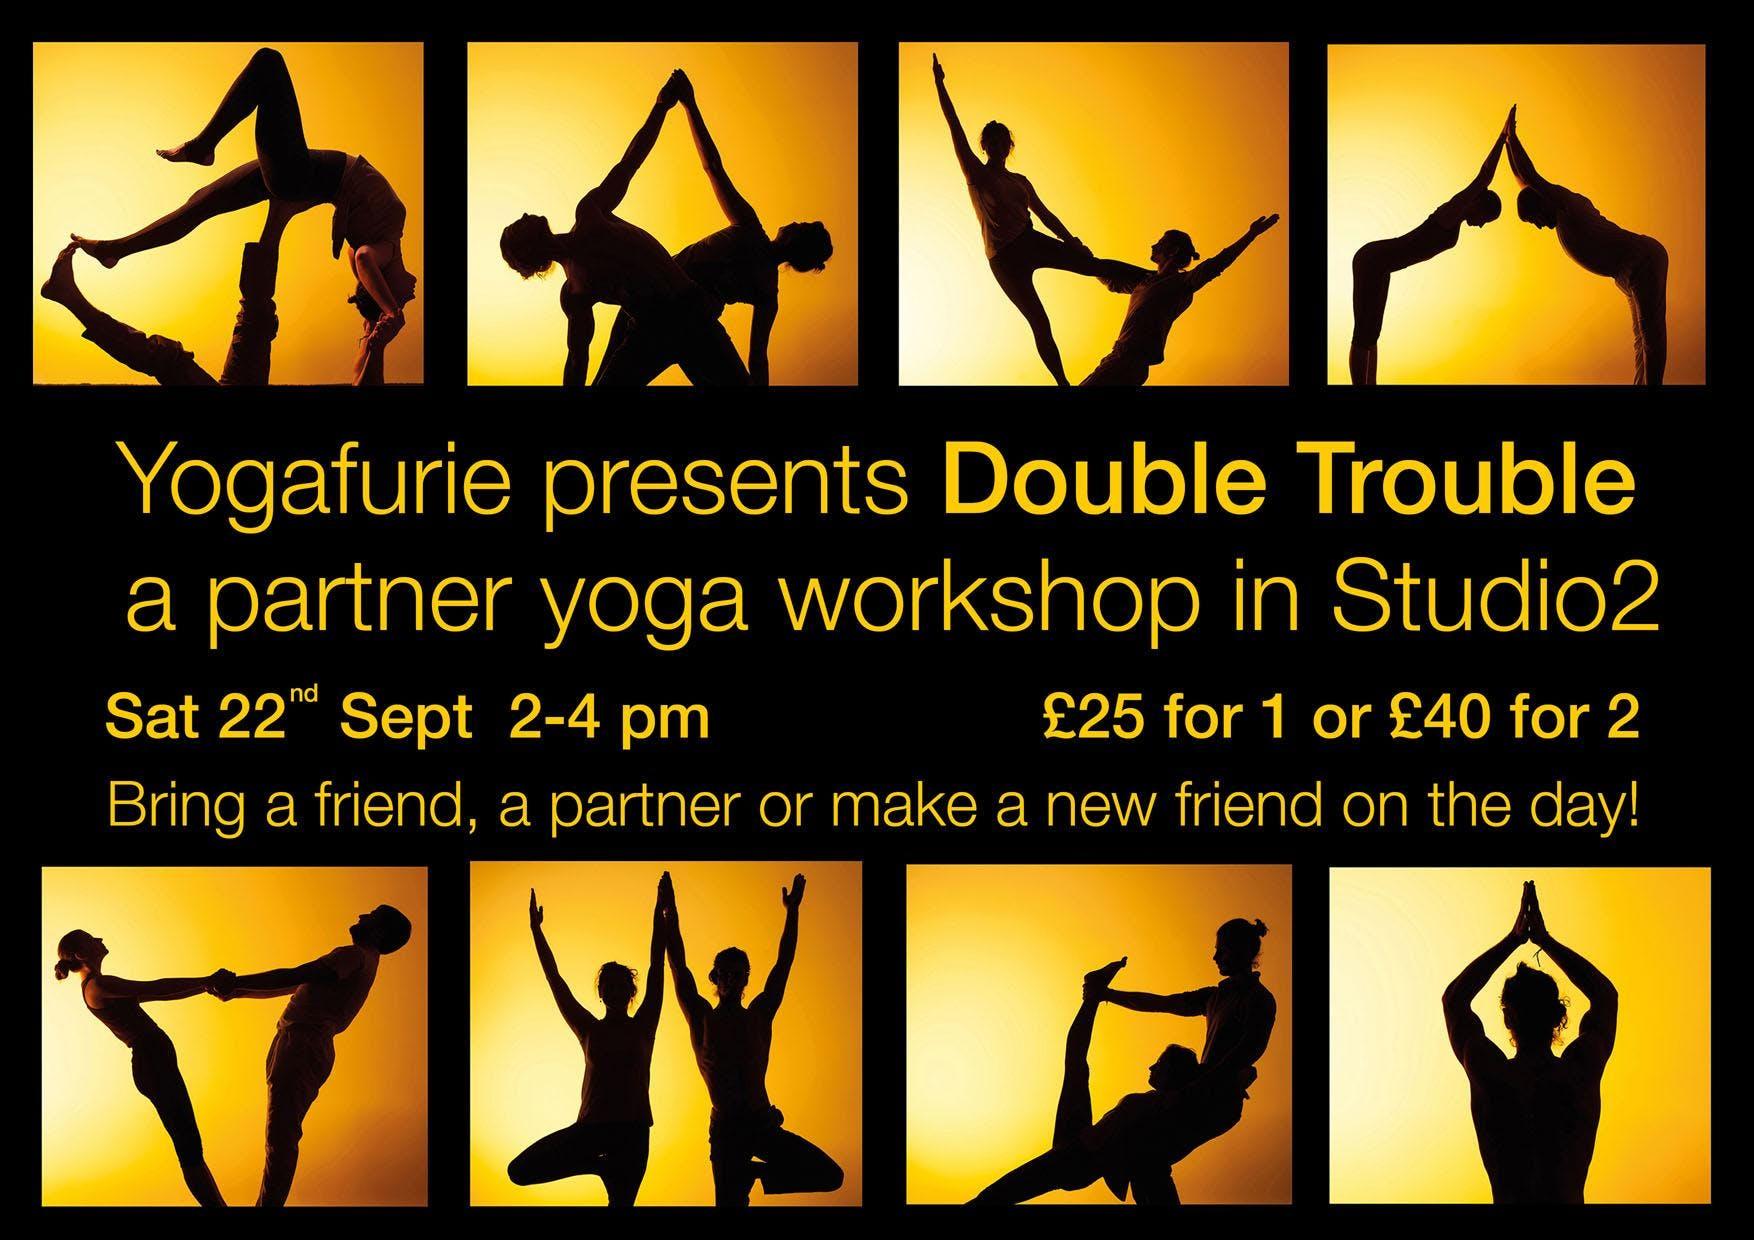 Double Trouble Partner Yoga Workshop